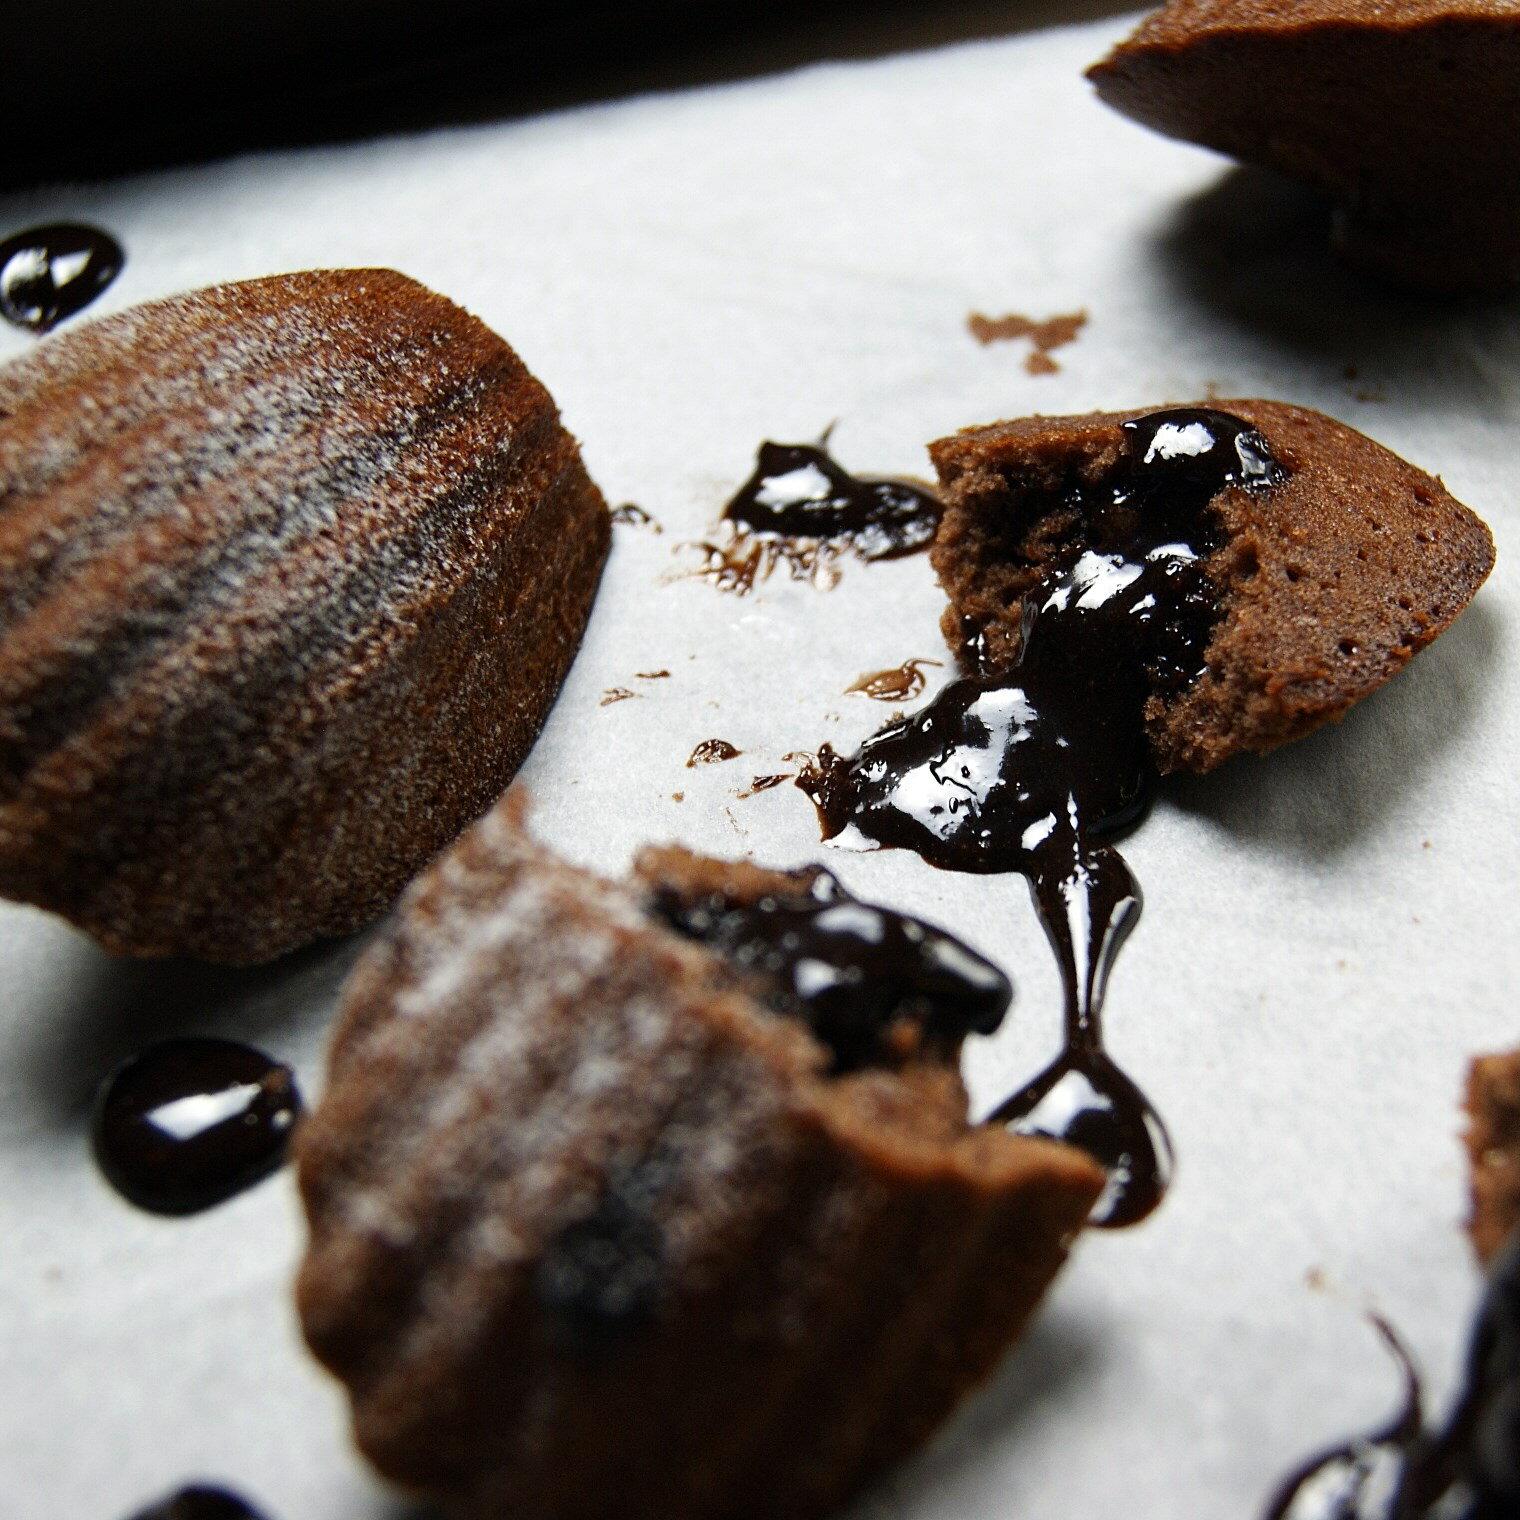 【黑手甜點】可可卡士達瑪德蓮/主廚特製/黑手法式小點系列/▶全館滿499免運